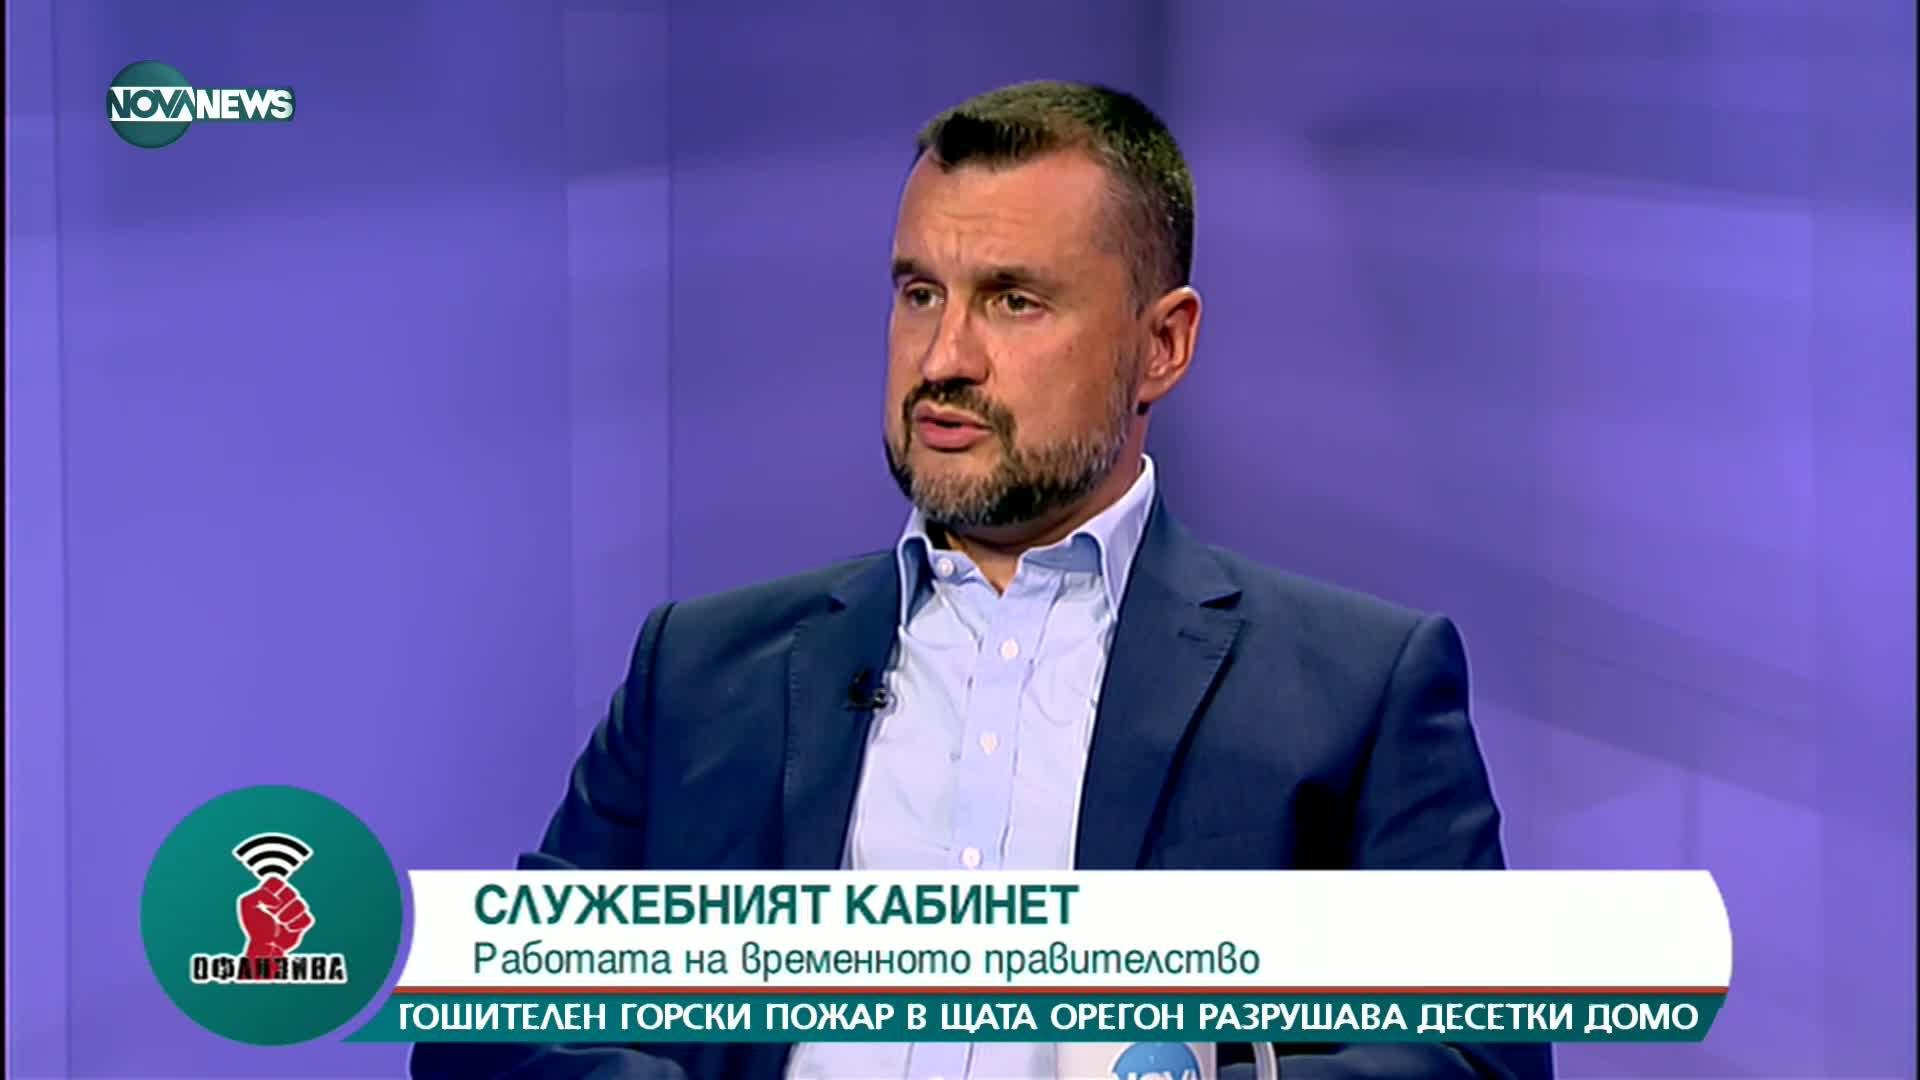 """Калоян Методиев: """"Има такъв народ"""" върви към несистемна неолиберална формация"""